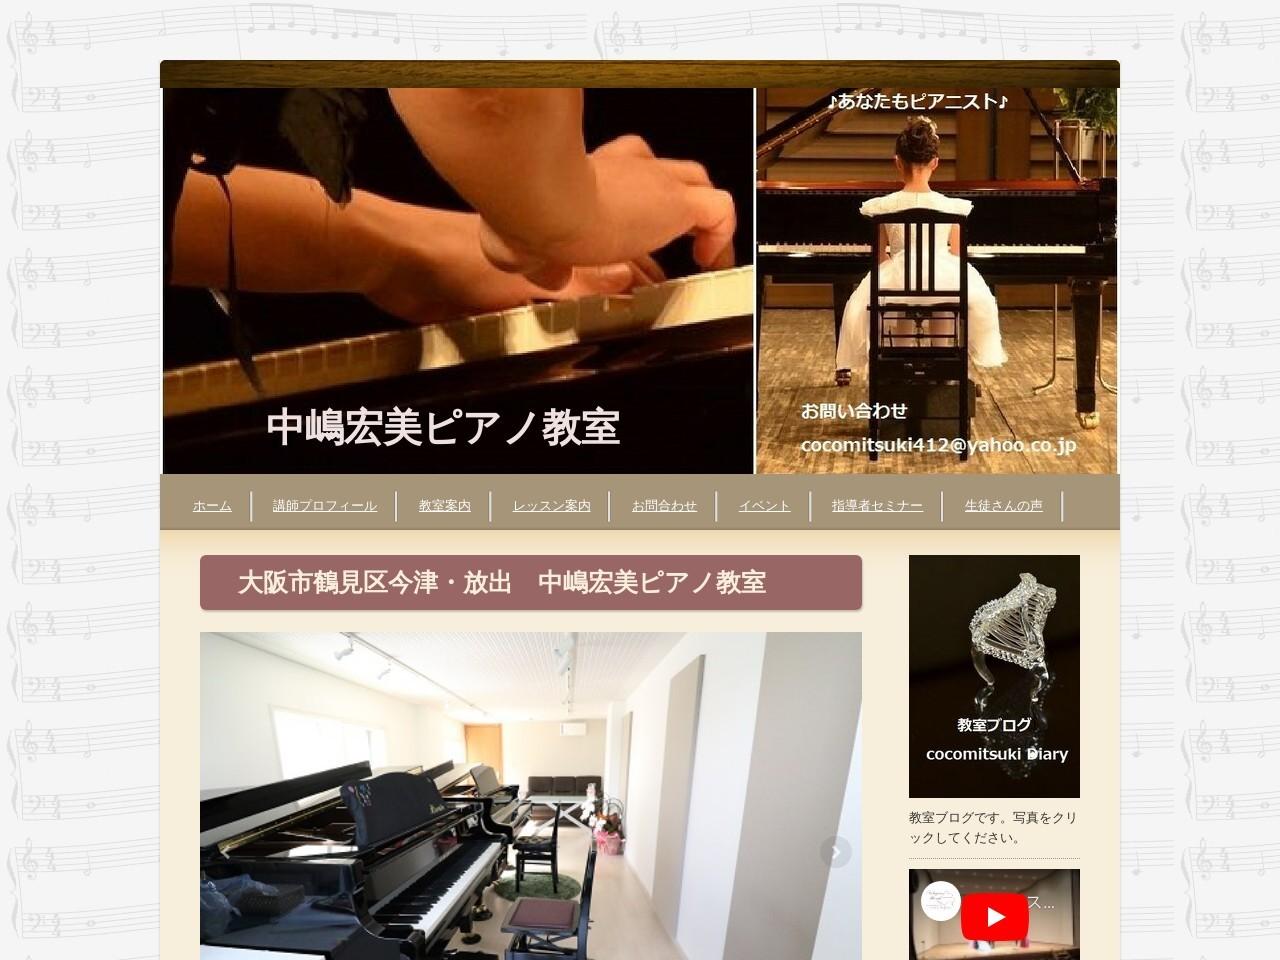 中嶋宏美ピアノ教室のサムネイル